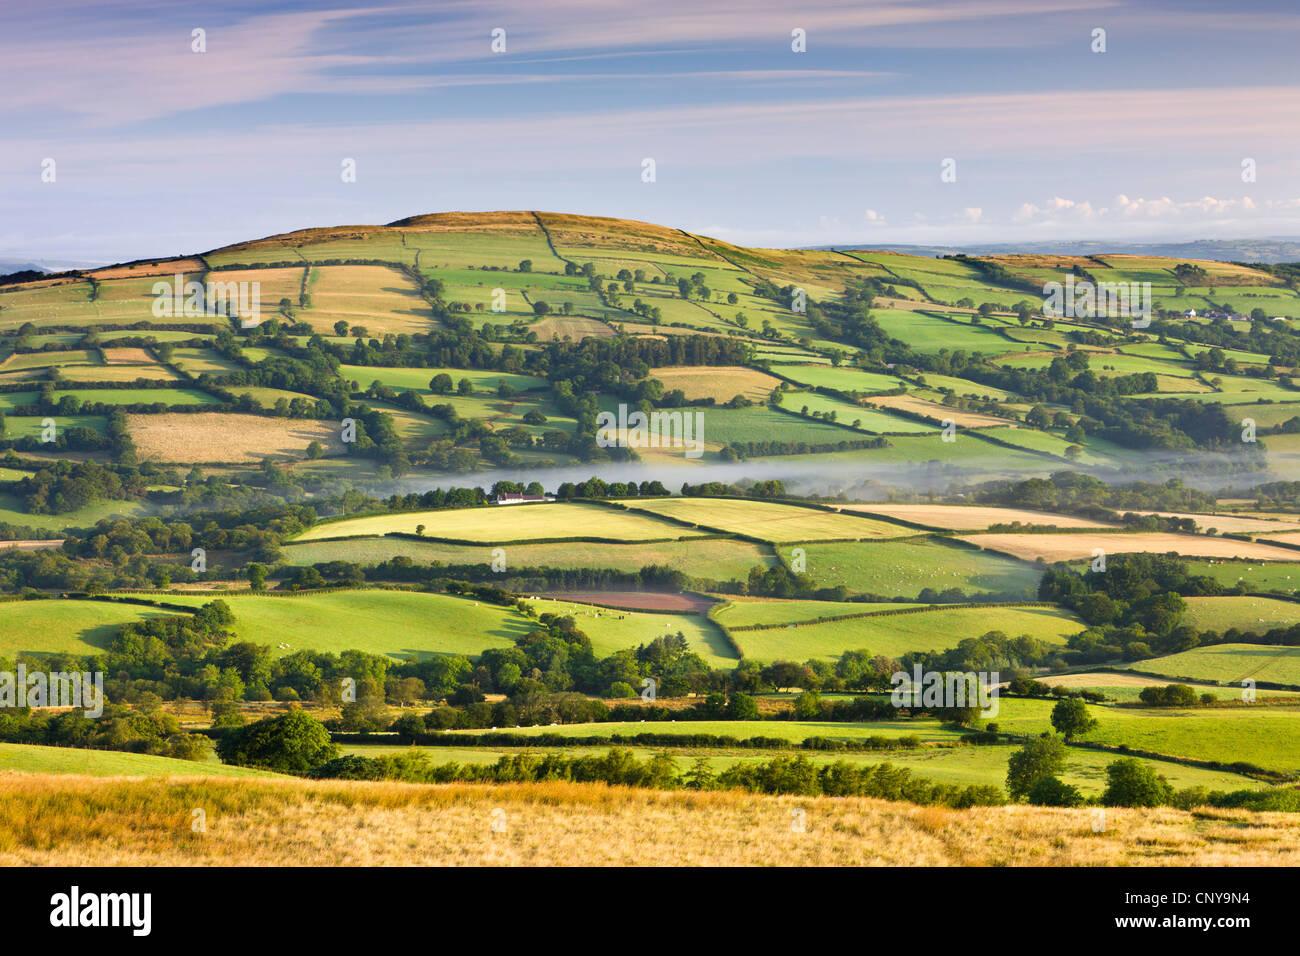 Un patchwork di campi e colline, Parco Nazionale di Brecon Beacons, Carmarthenshire, Wales, Regno Unito. Estate Immagini Stock